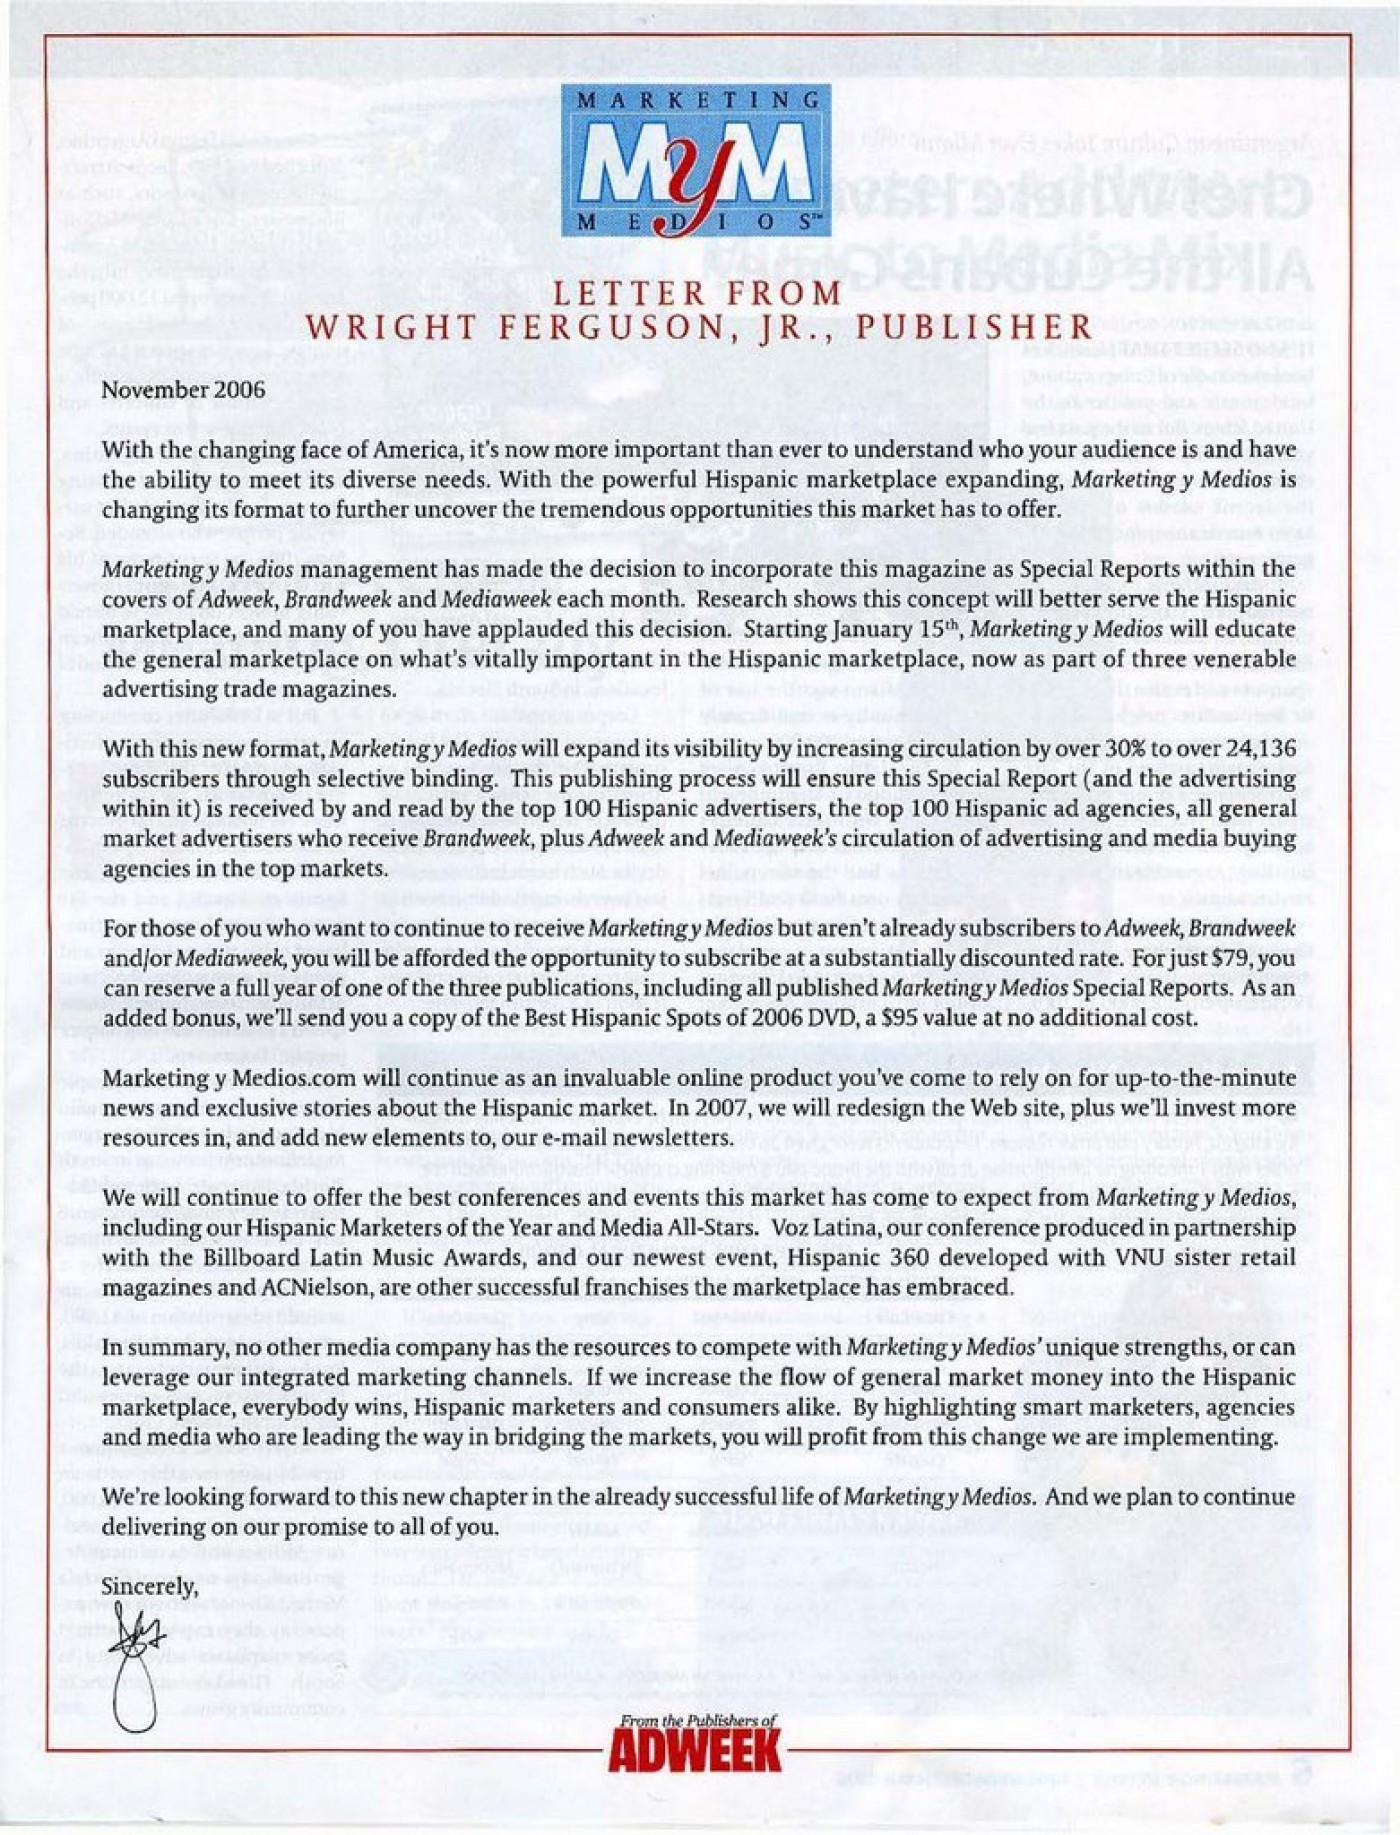 025 Mym Publisher Essay Example Njhs Unique Conclusion 1400